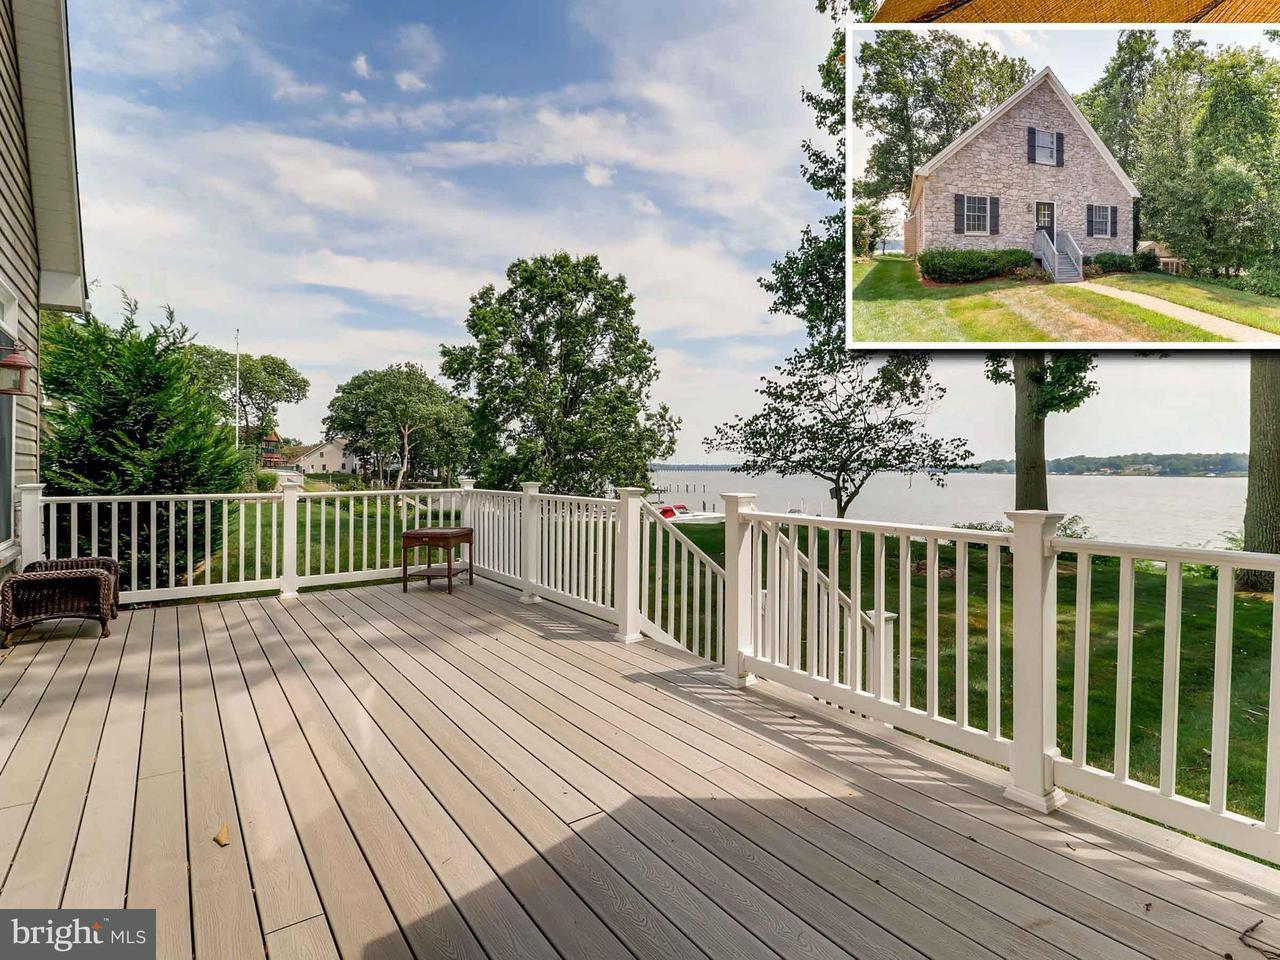 Частный односемейный дом для того Продажа на 710 Baker Avenue 710 Baker Avenue Abingdon, Мэриленд 21009 Соединенные Штаты